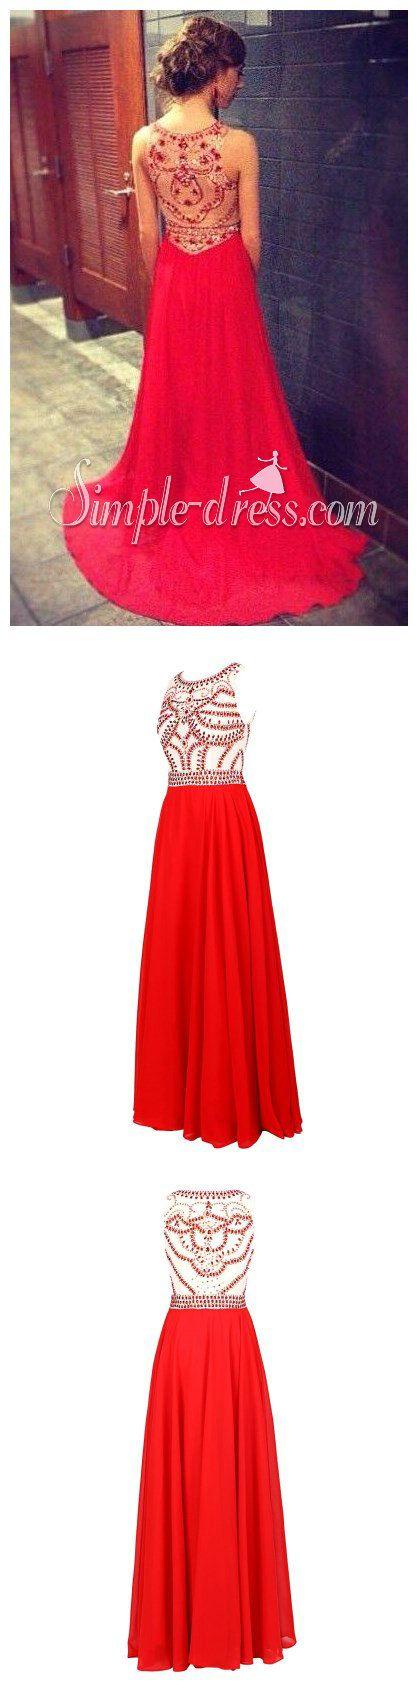 prom dress, 2016 prom dress, red prom dress, graduation dress, party dress